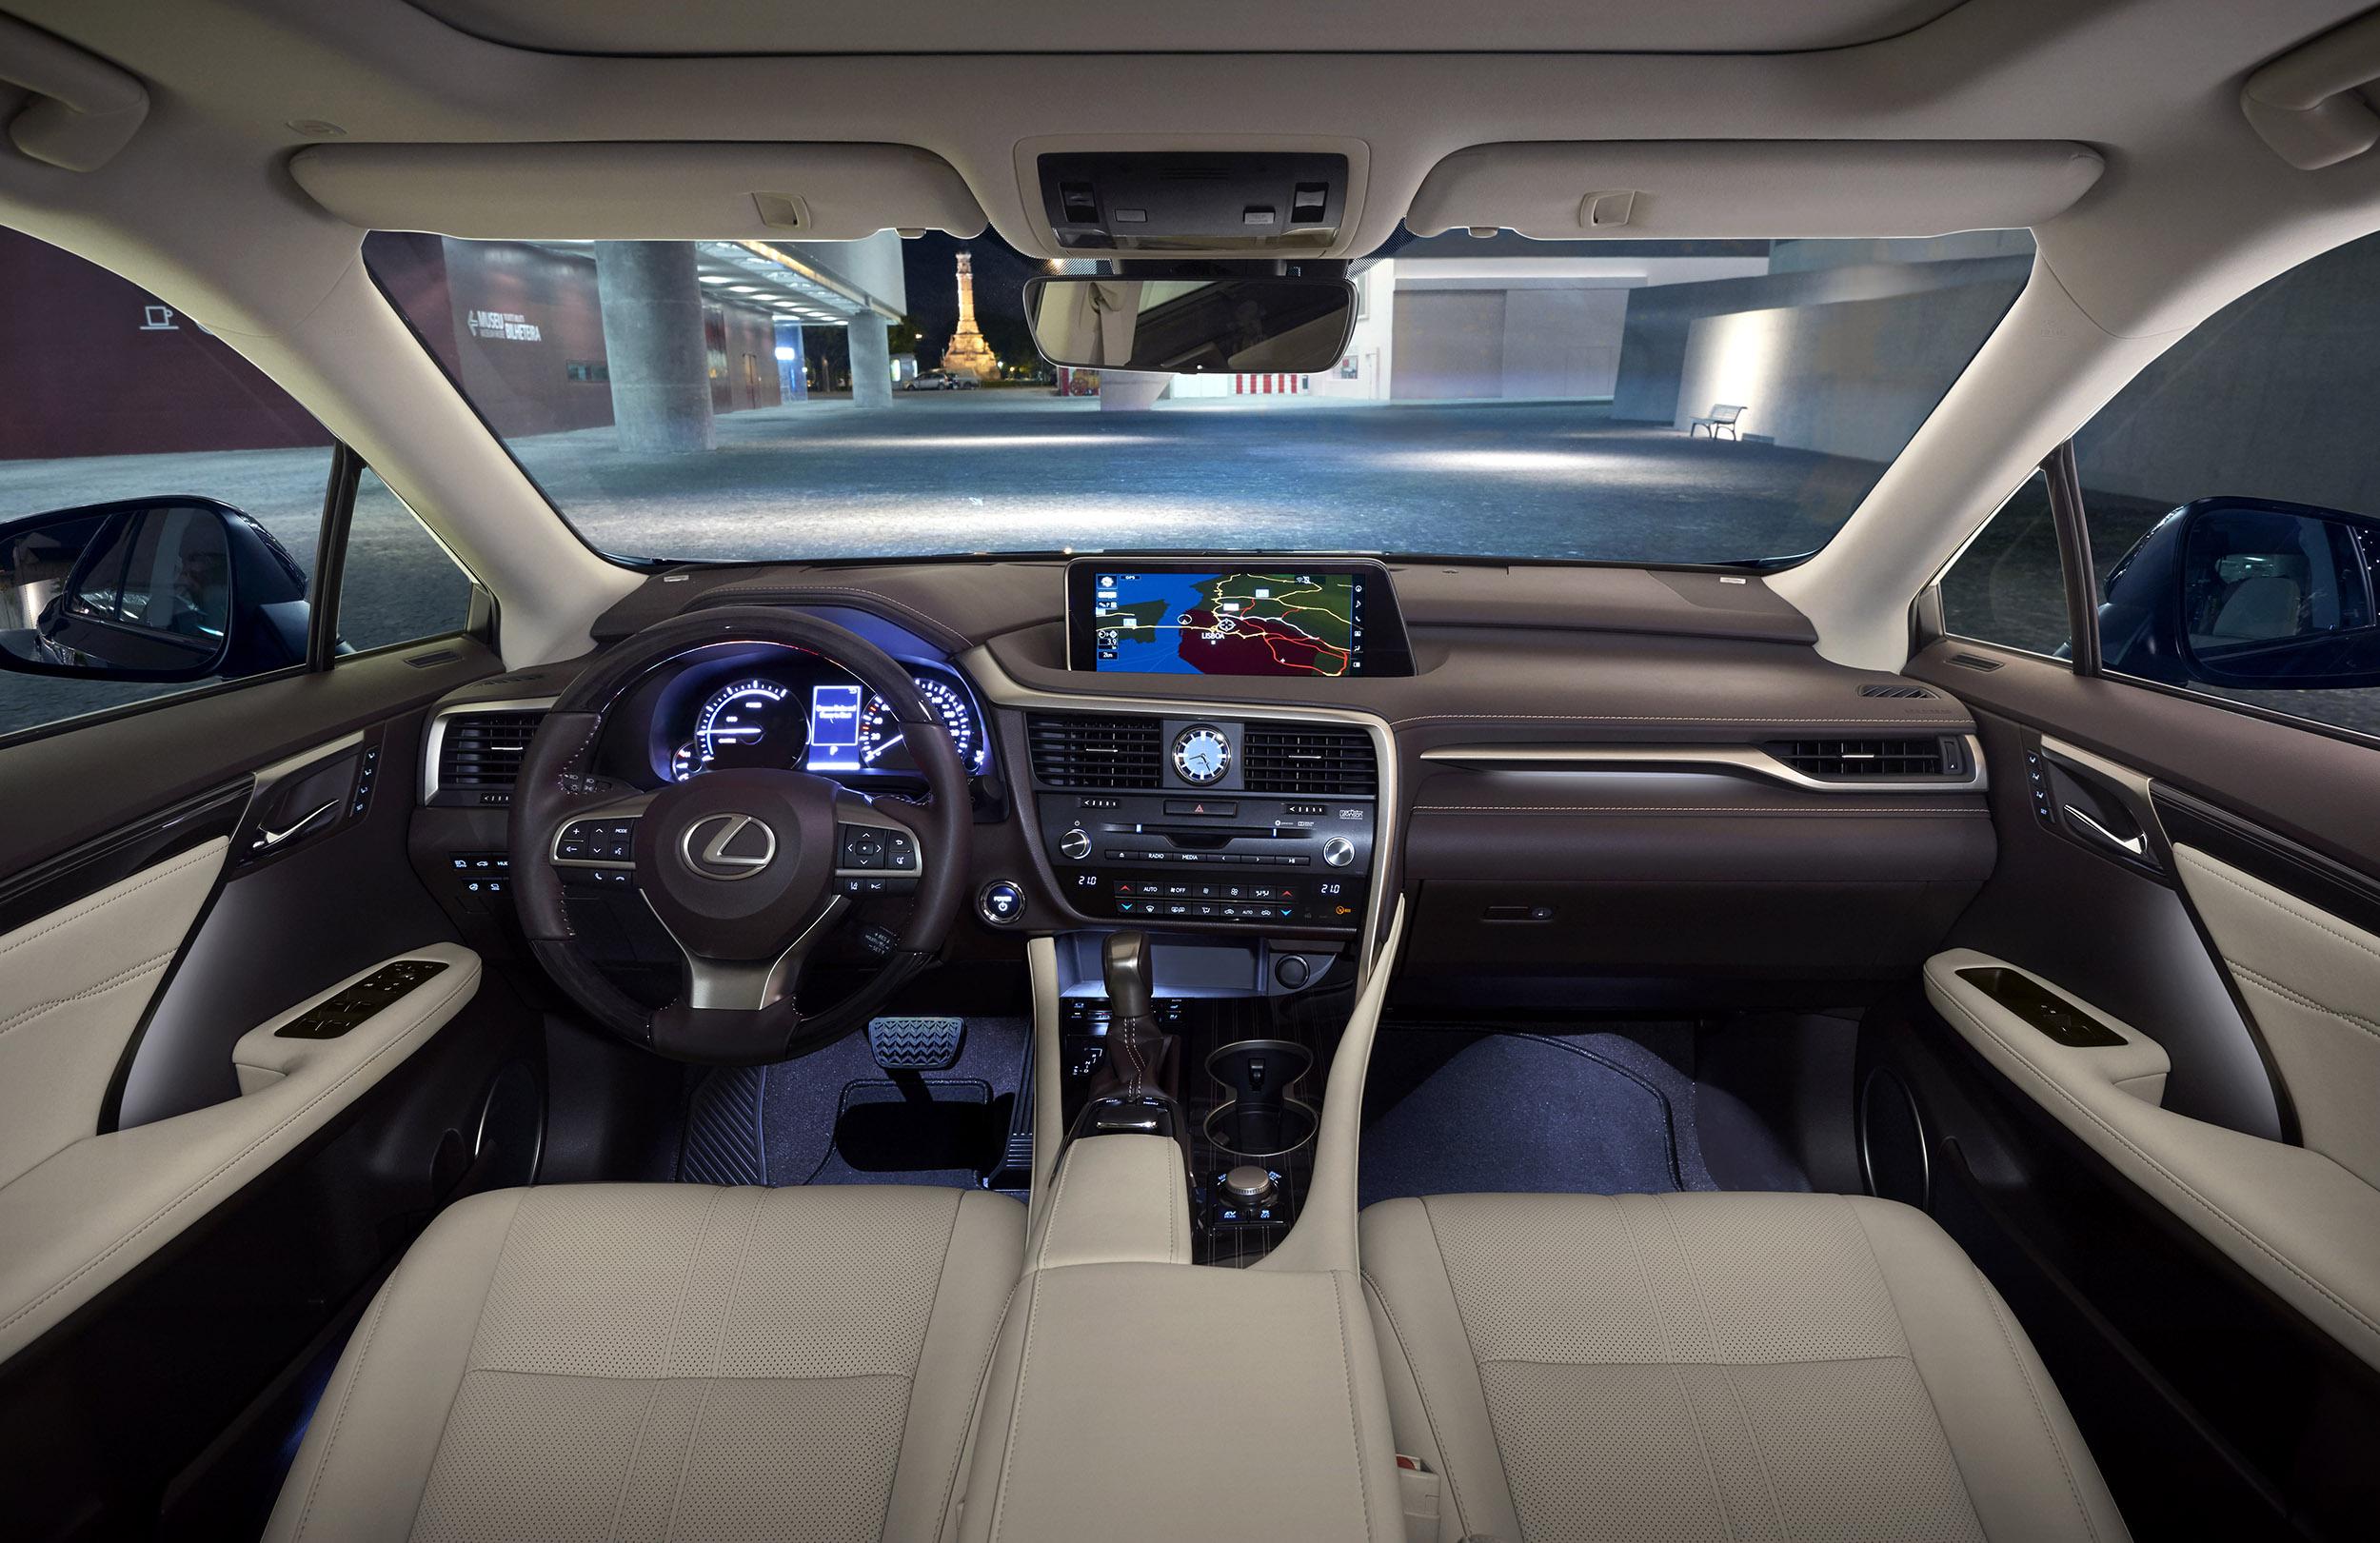 https://www.whatcar.lv/cars/Lexus/RX/ad56654de4d65ec7cf624770063e464c.jpg